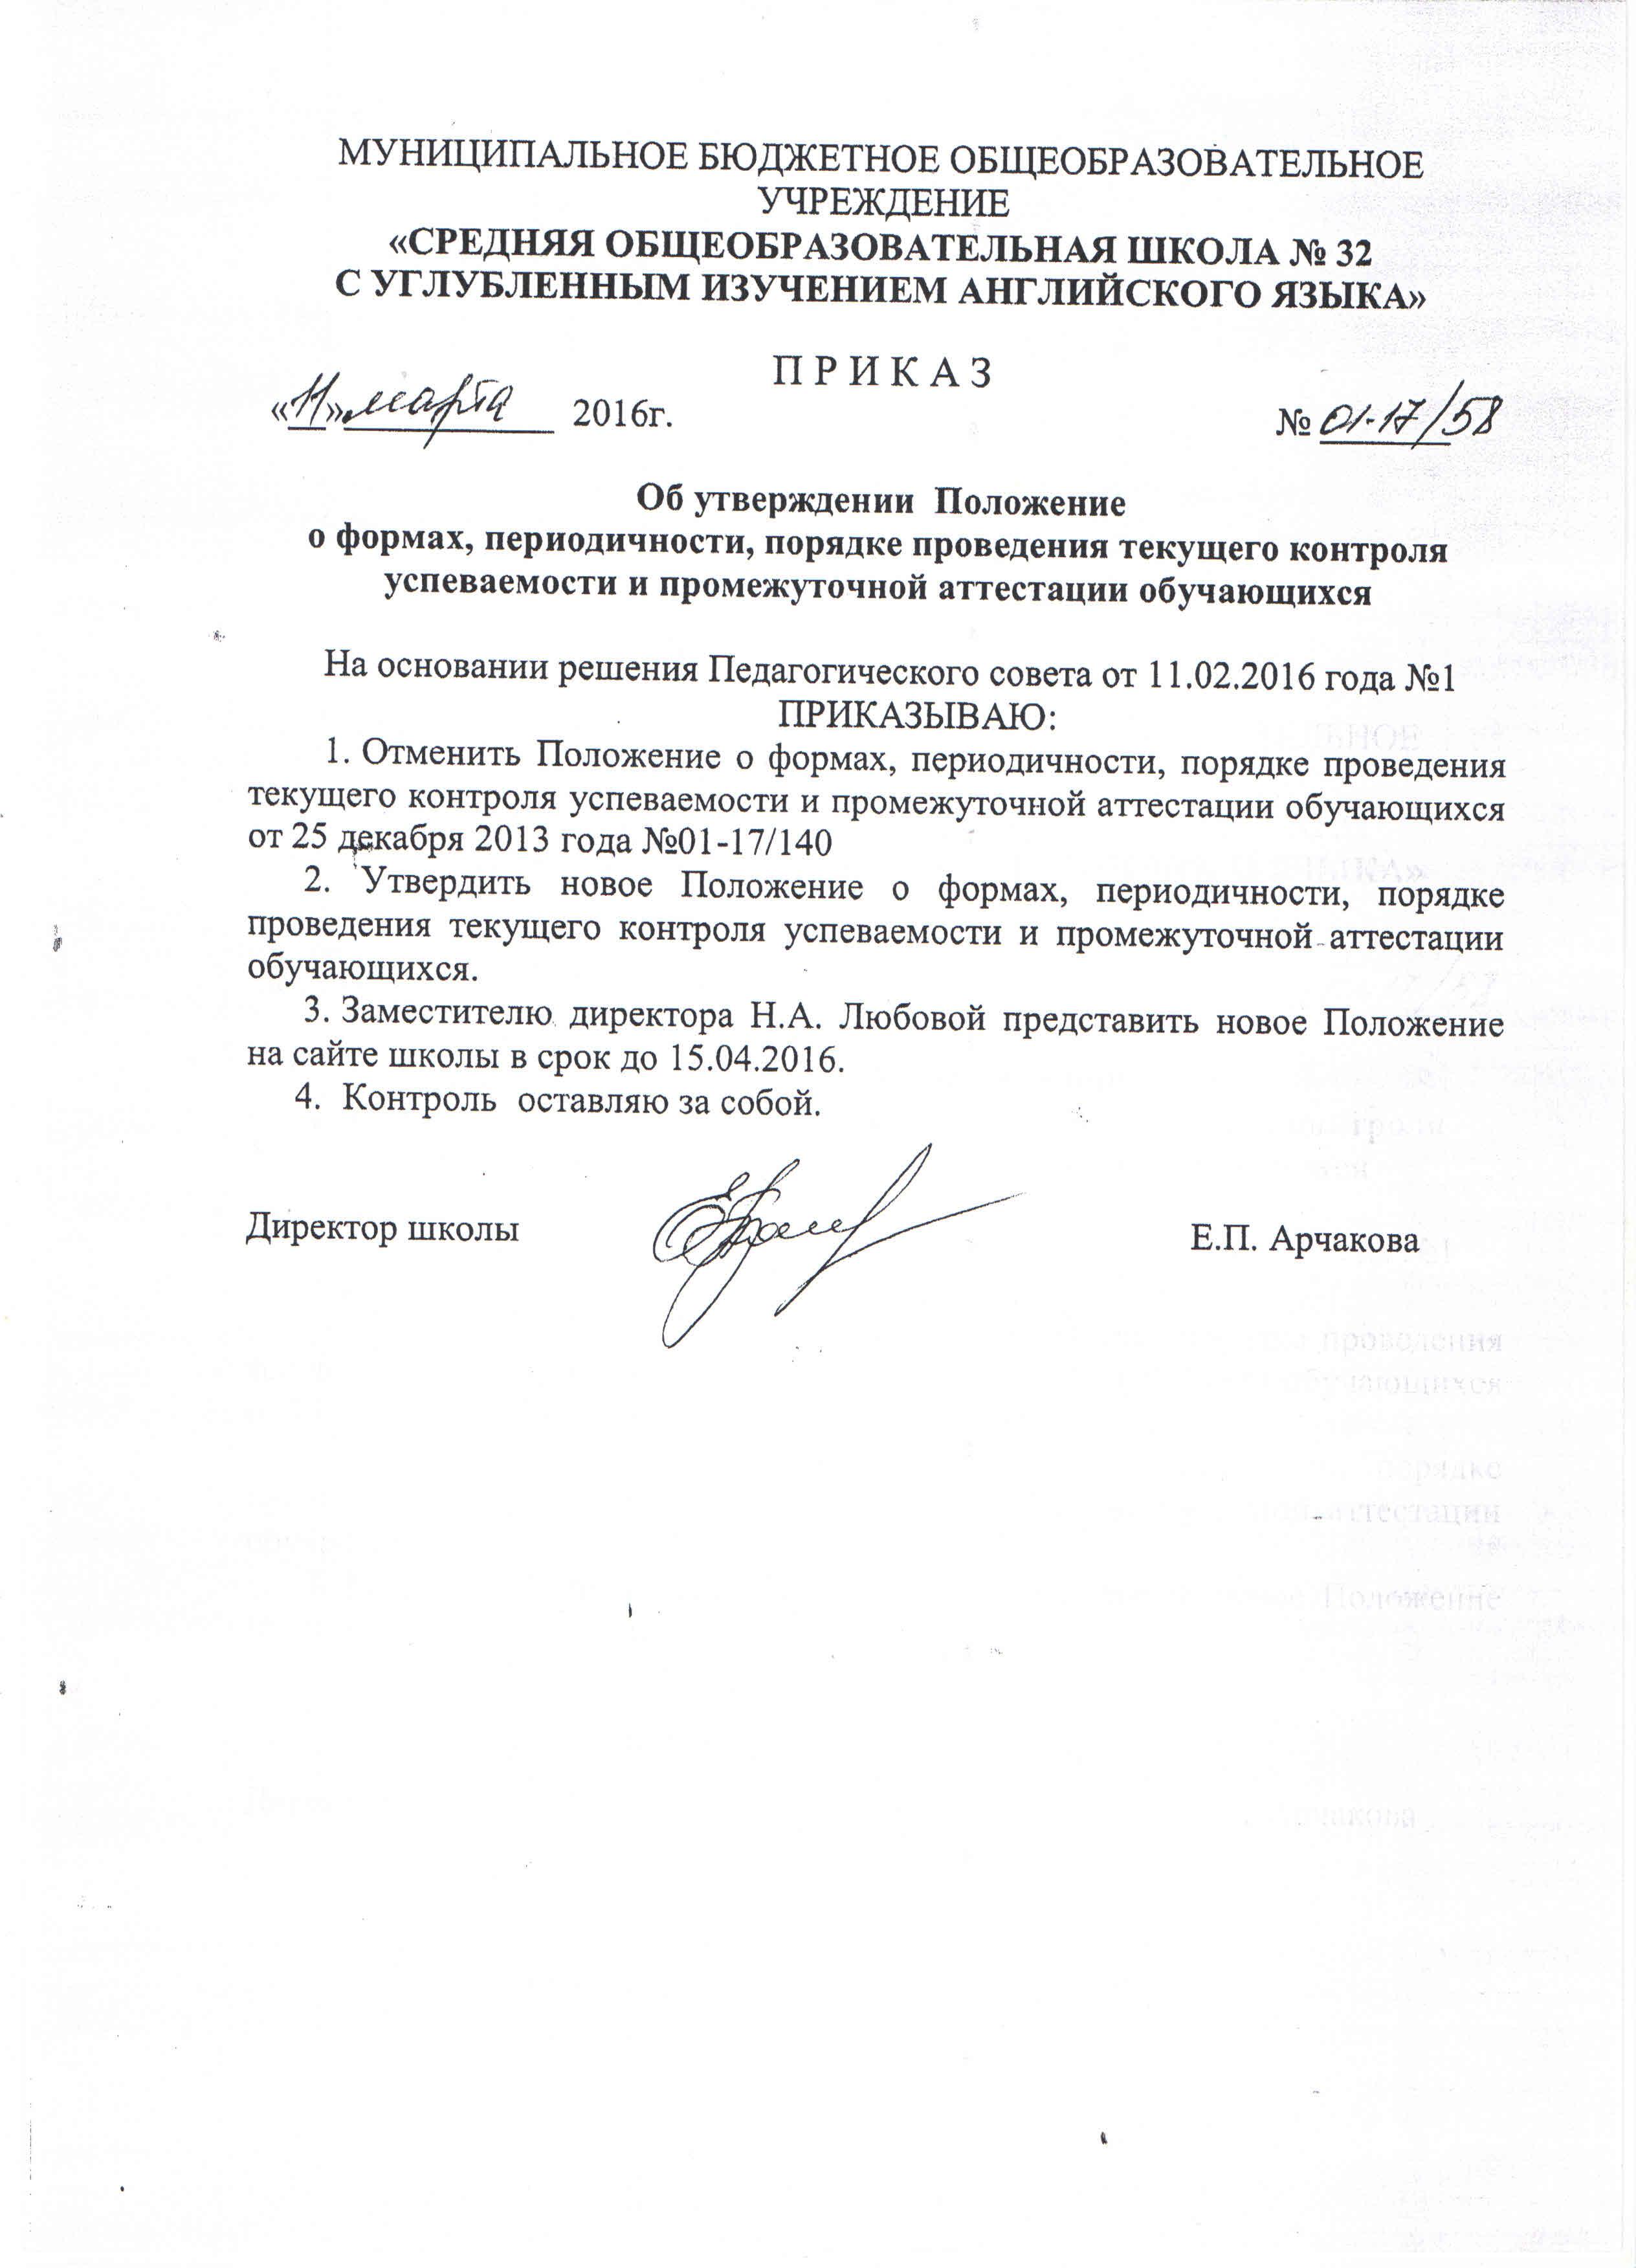 нормативные документы работы отн и пт